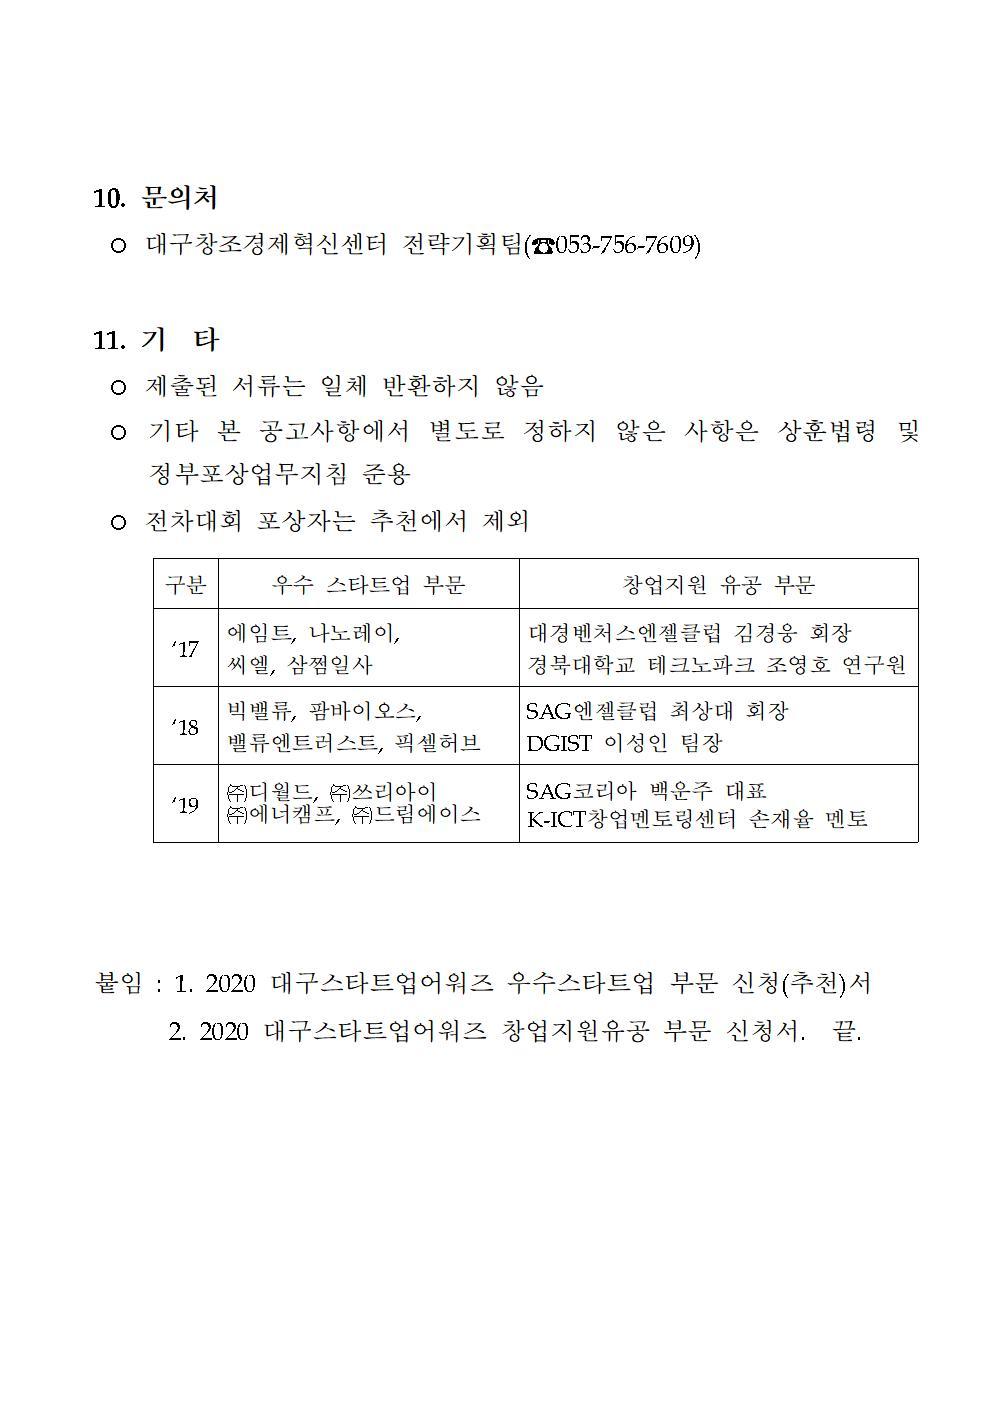 붙임1_[공고문] 2020 제4회 대구스타트업 어워즈 수상 후보자 공모004.jpg